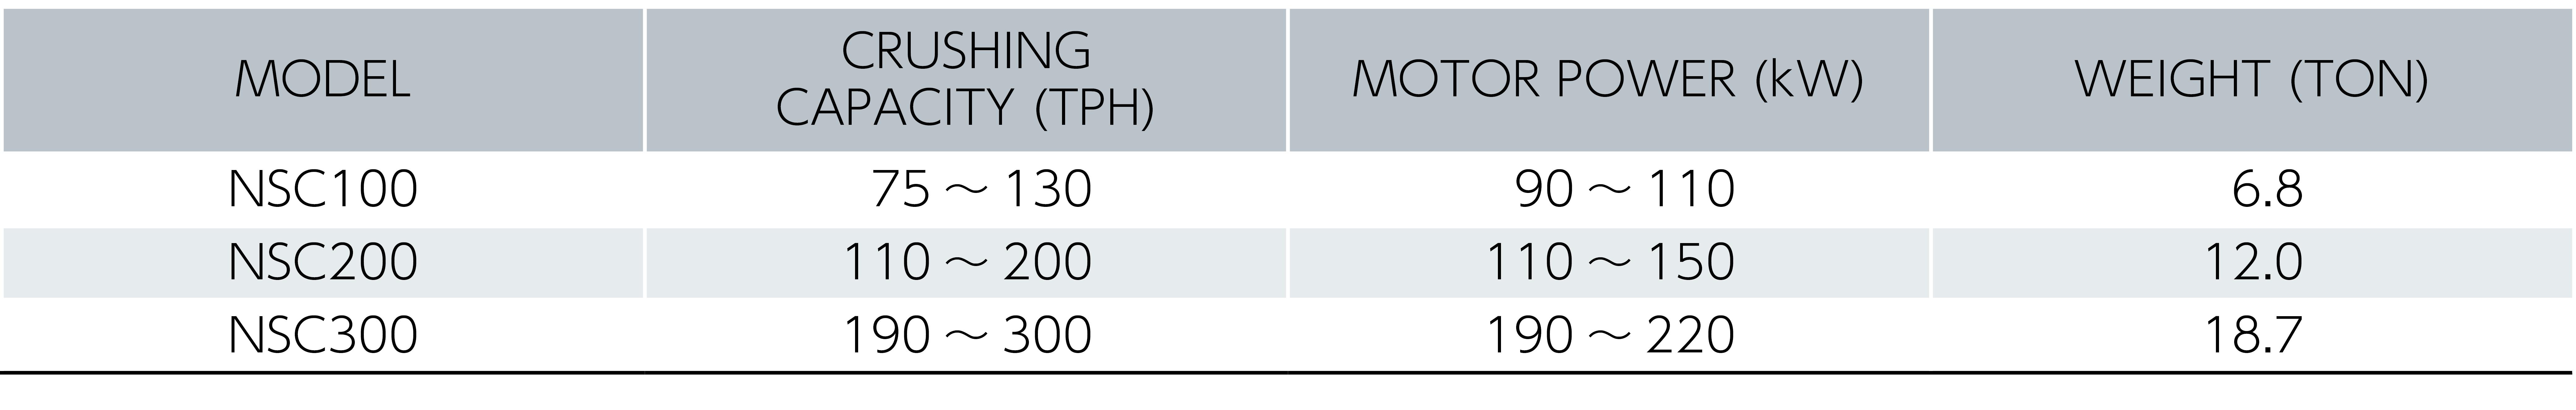 ネオコーンクラッシャ仕様表